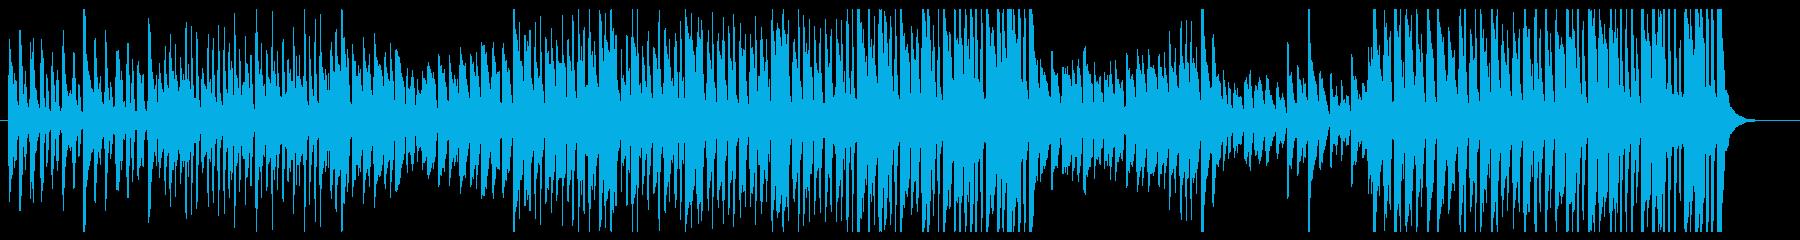 可愛い感じピアノアコースティックの再生済みの波形